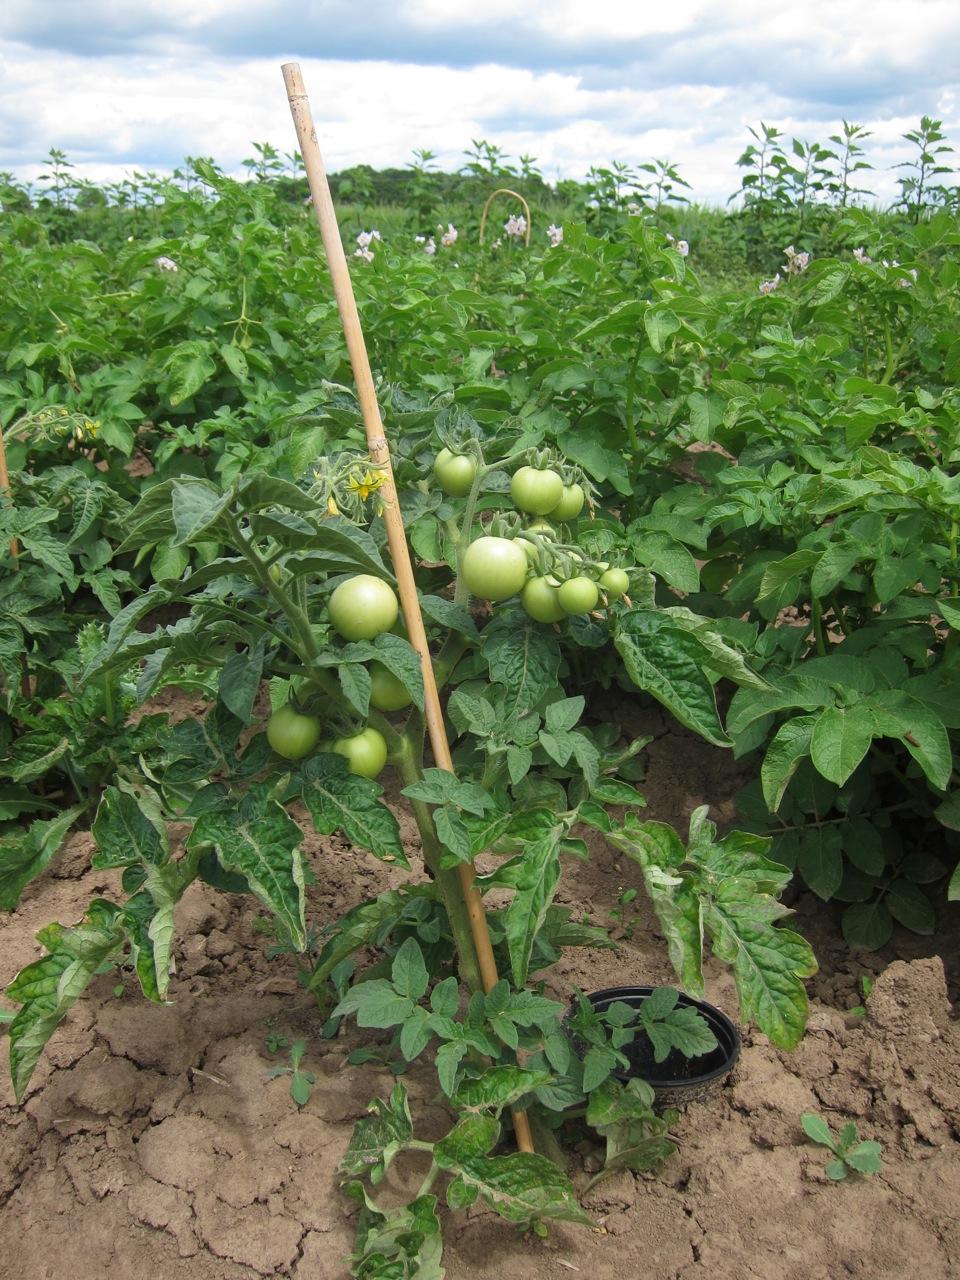 Tomaten, die nicht ausgegeizt werden müssen, waren besonders beliebt bei den Protest-Gärtnern.